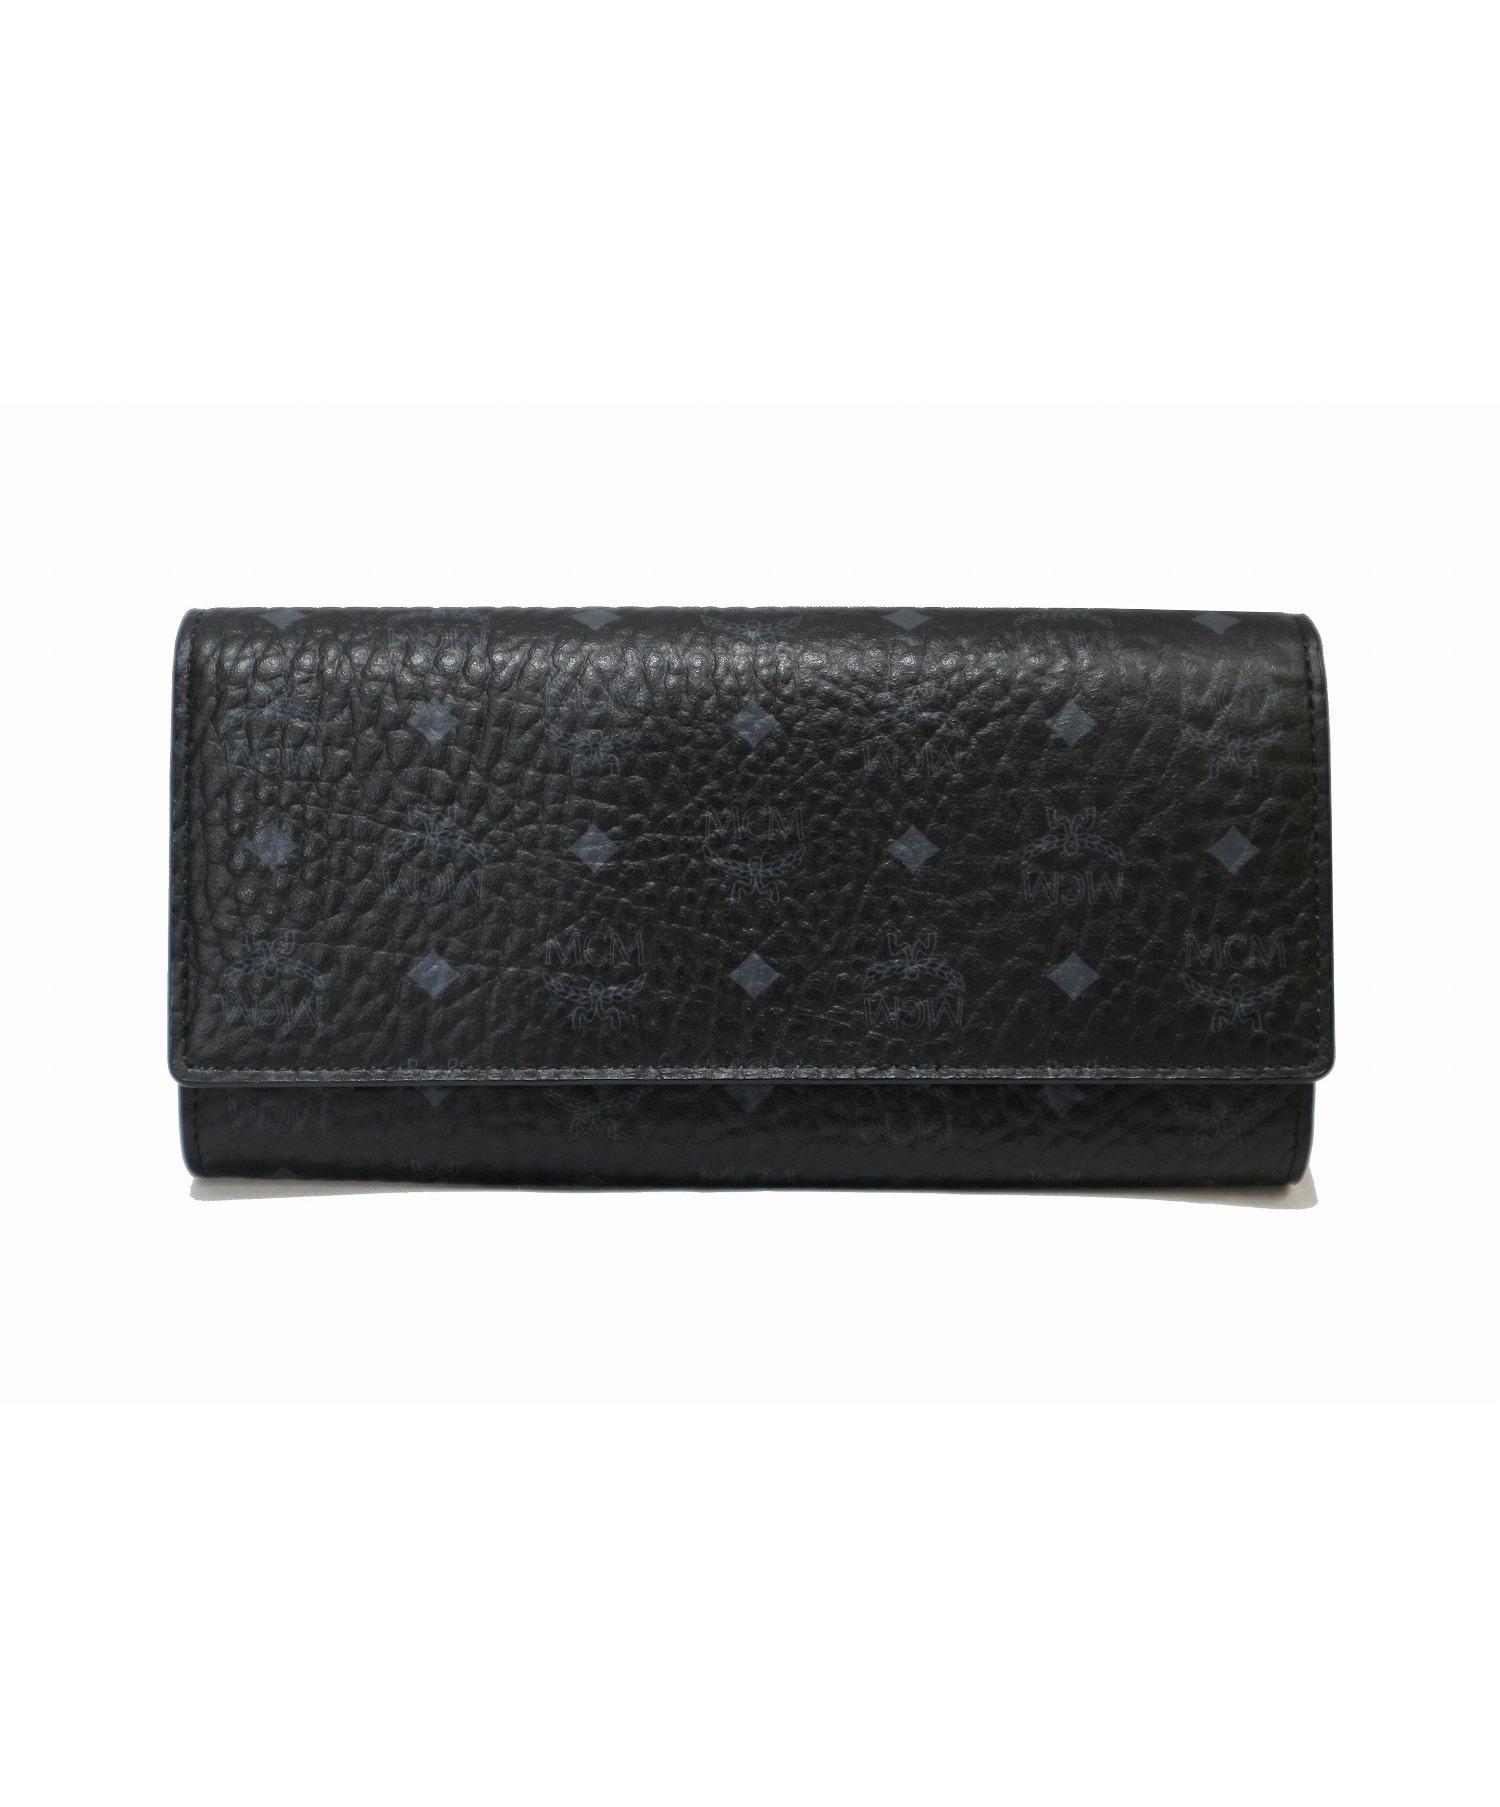 new concept e7aa9 4b2c6 [中古]MCM(エムシーエム)のメンズ 服飾小物 長財布